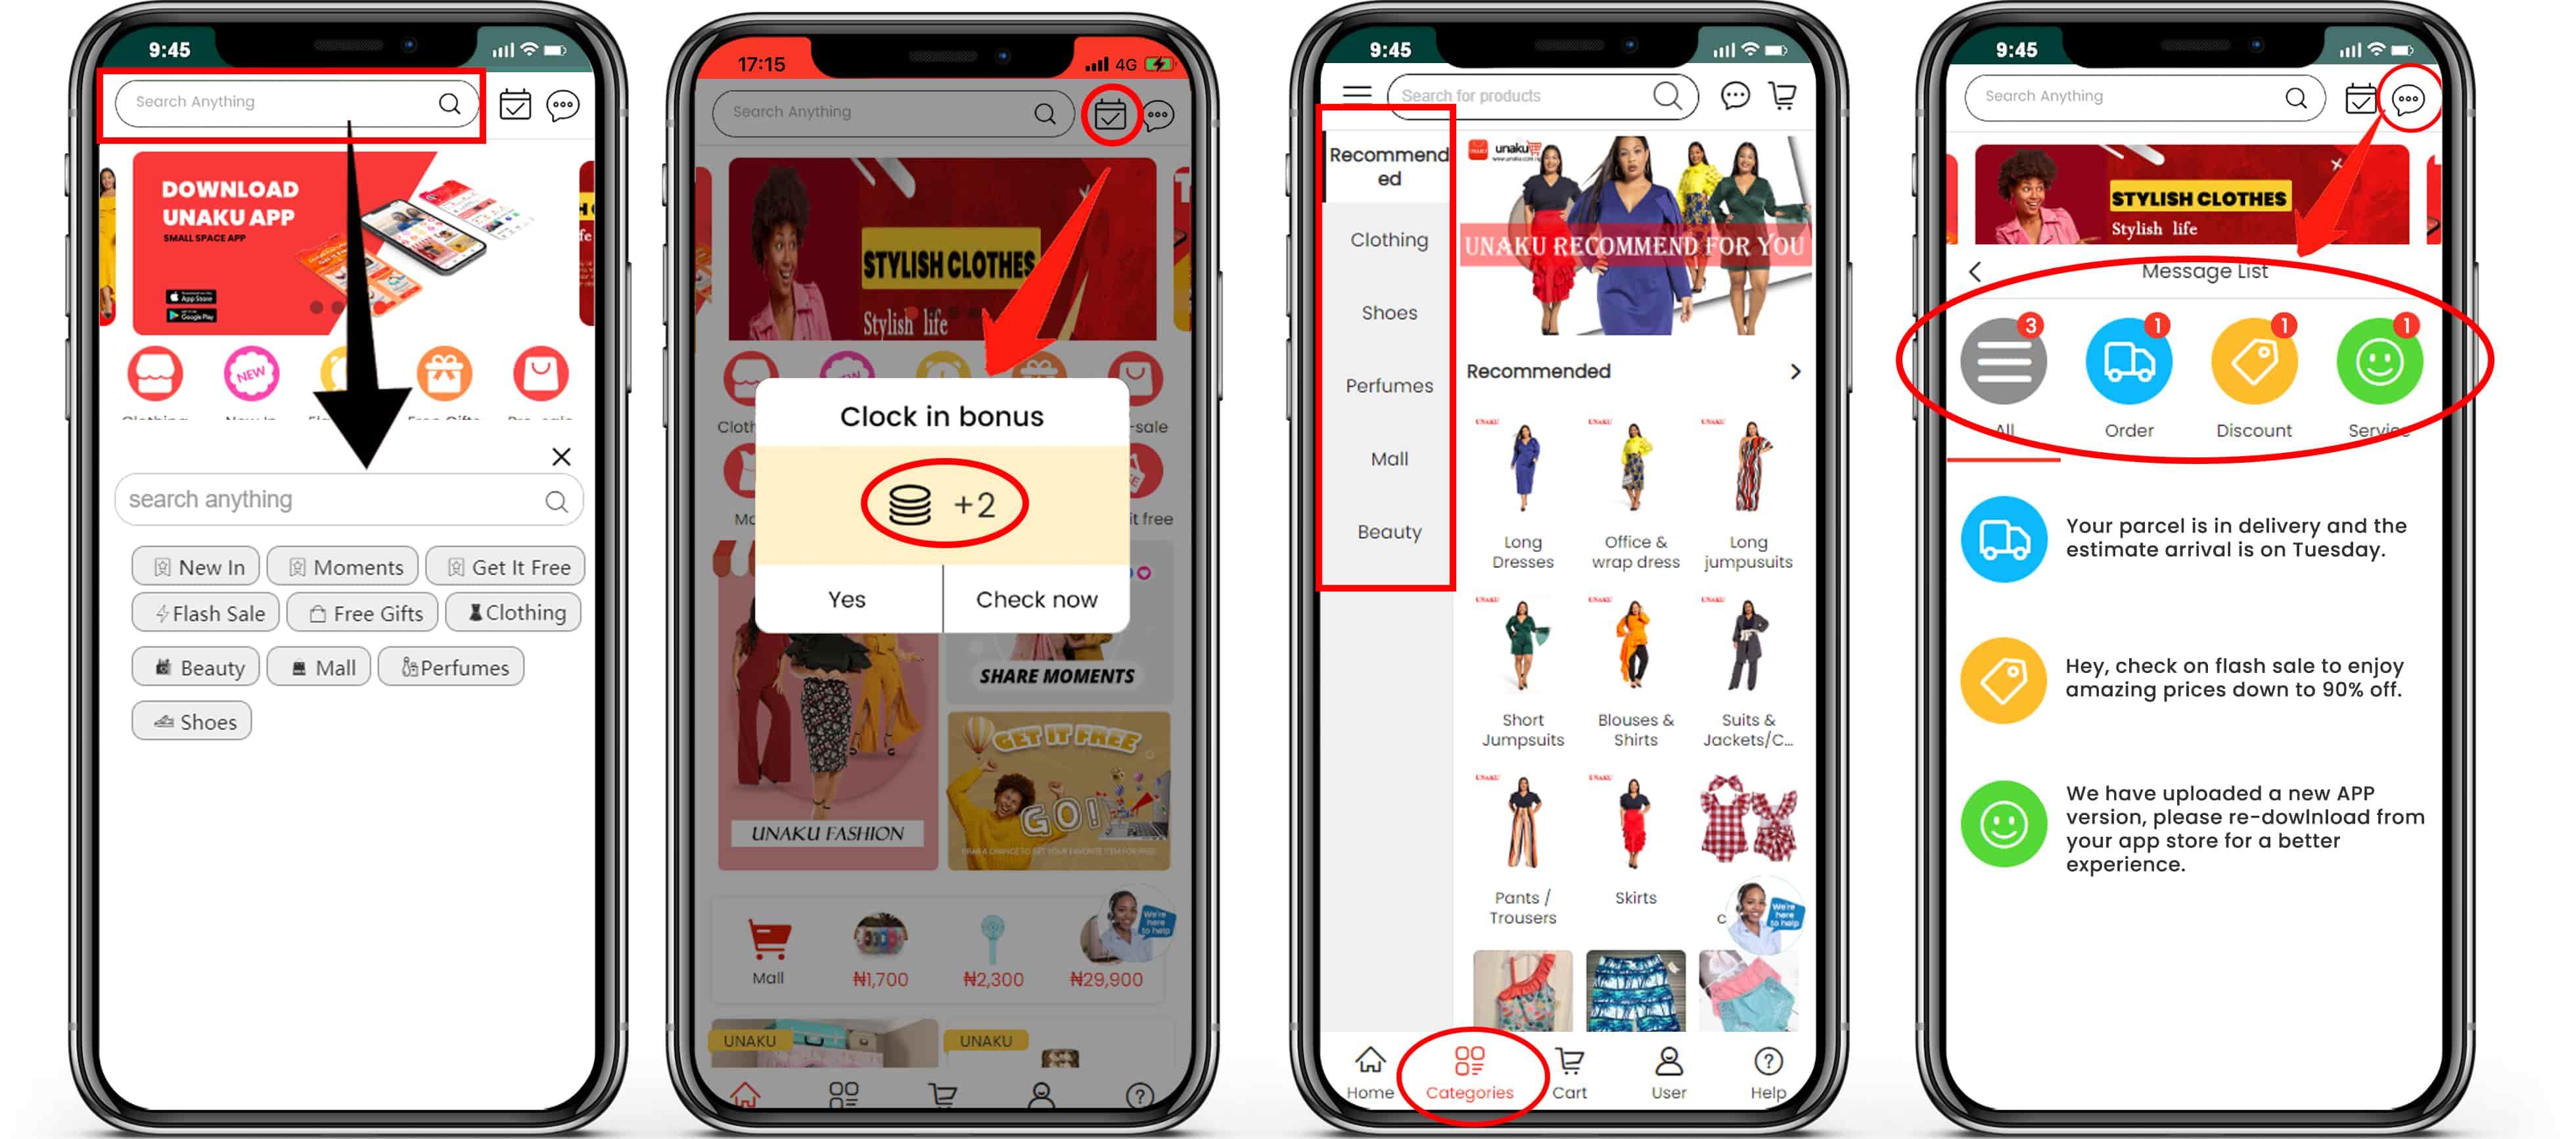 4插图搜索下拉,打卡图,分类图,圈住消息按钮 (1).jpg